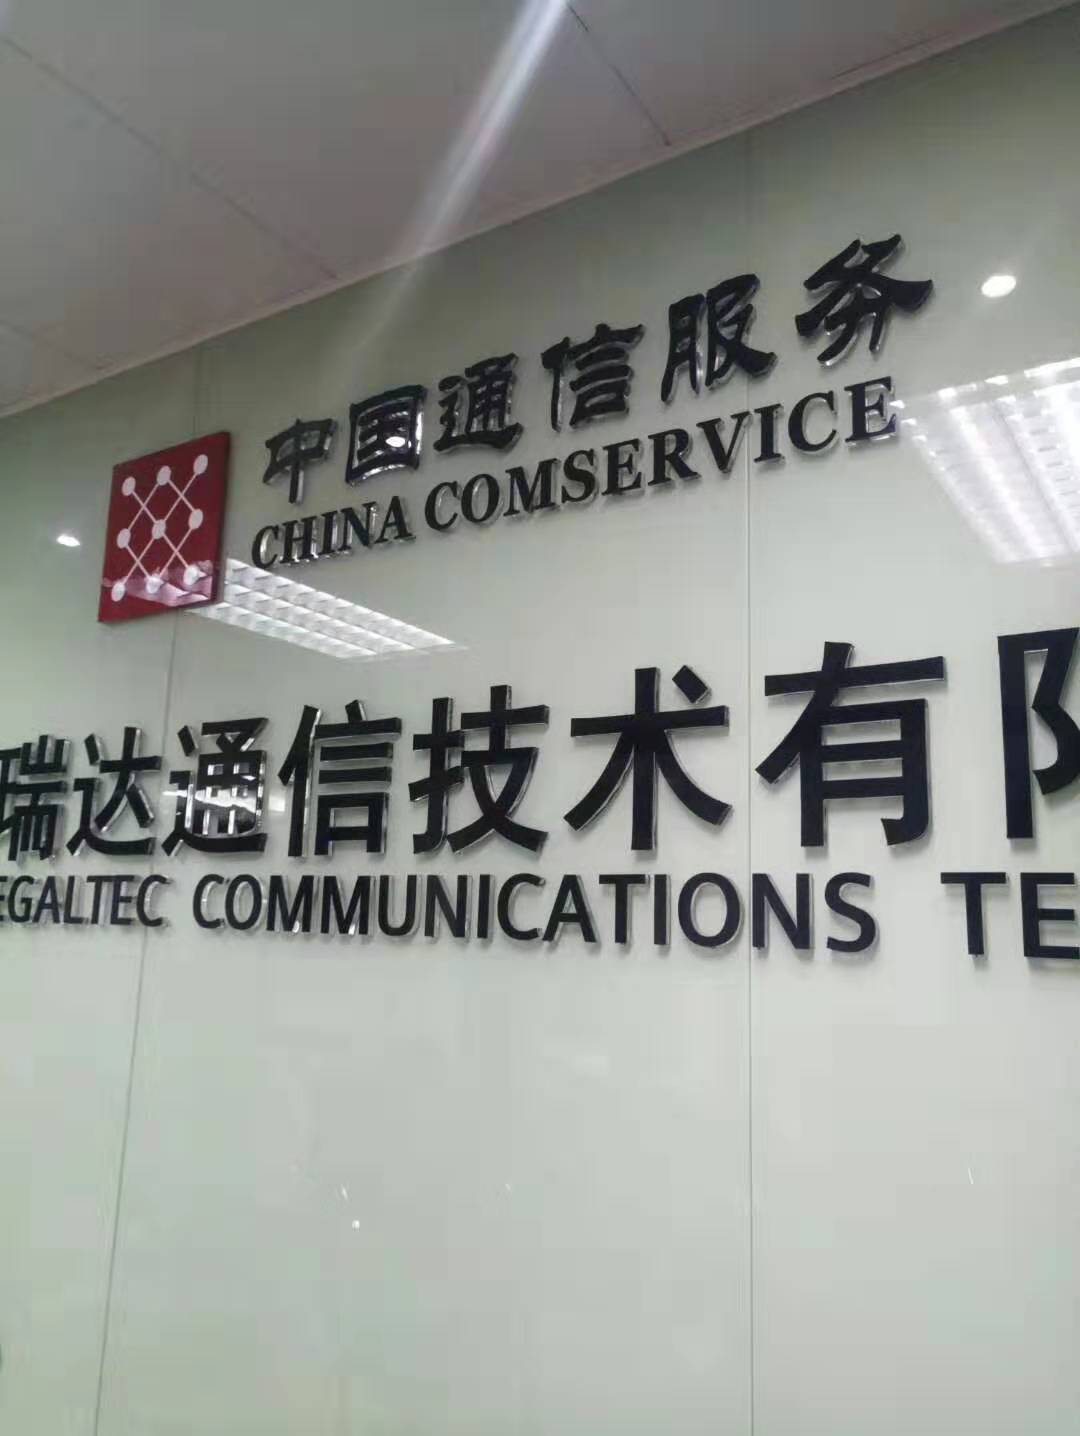 瑞达通信技术有限公司搬迁